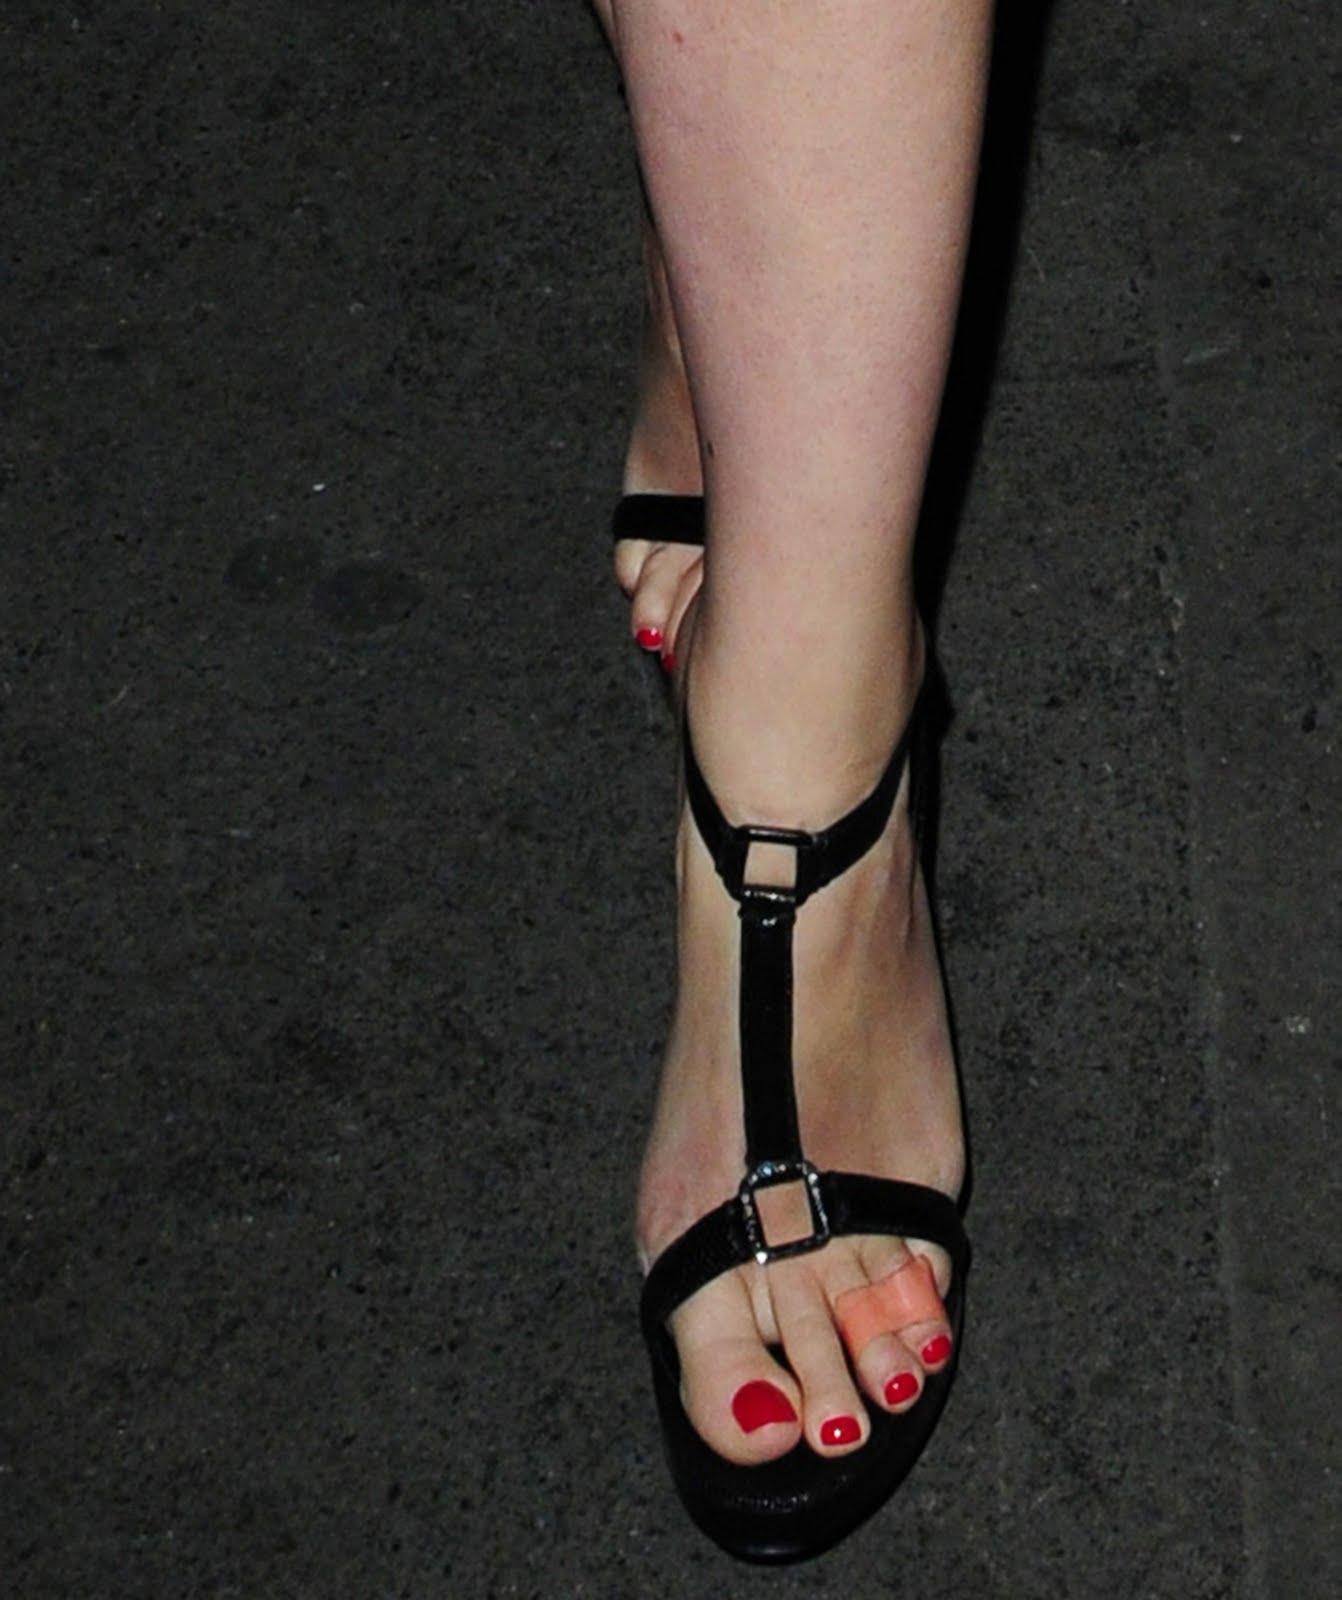 http://3.bp.blogspot.com/_UaLWp72nij4/S8y6g5FxFpI/AAAAAAAAH0I/eEIrUY83kWE/s1600/gwyneth-paltrow-feet-2.jpg